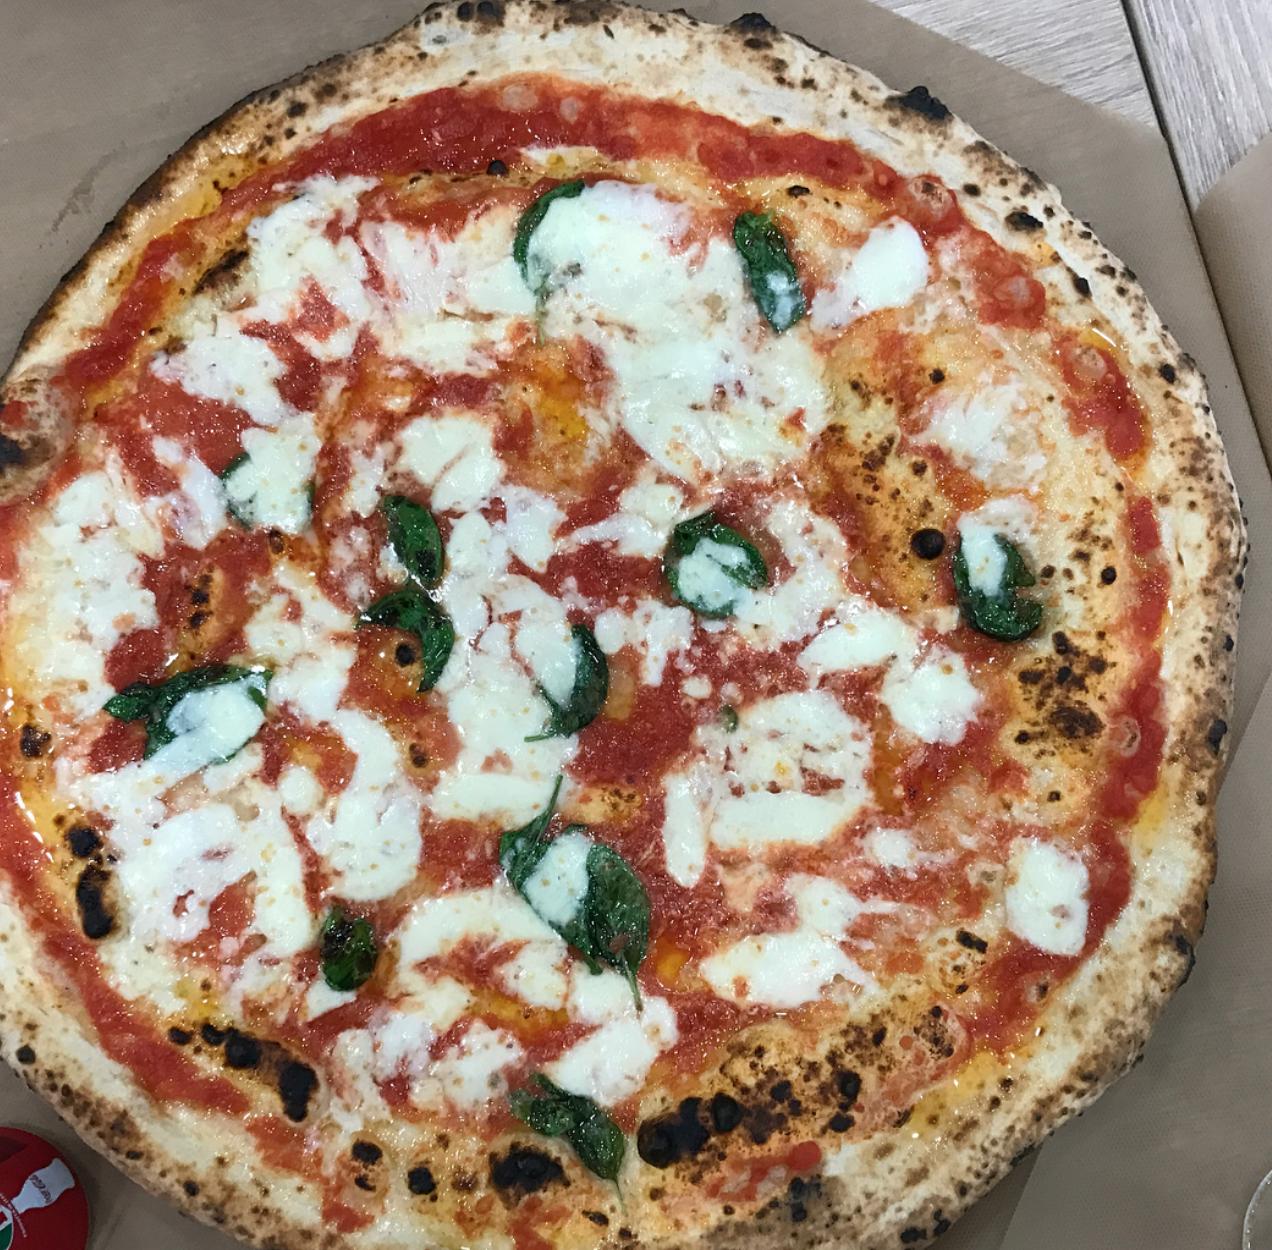 bath-pizza-co-napoli-tour-002.png